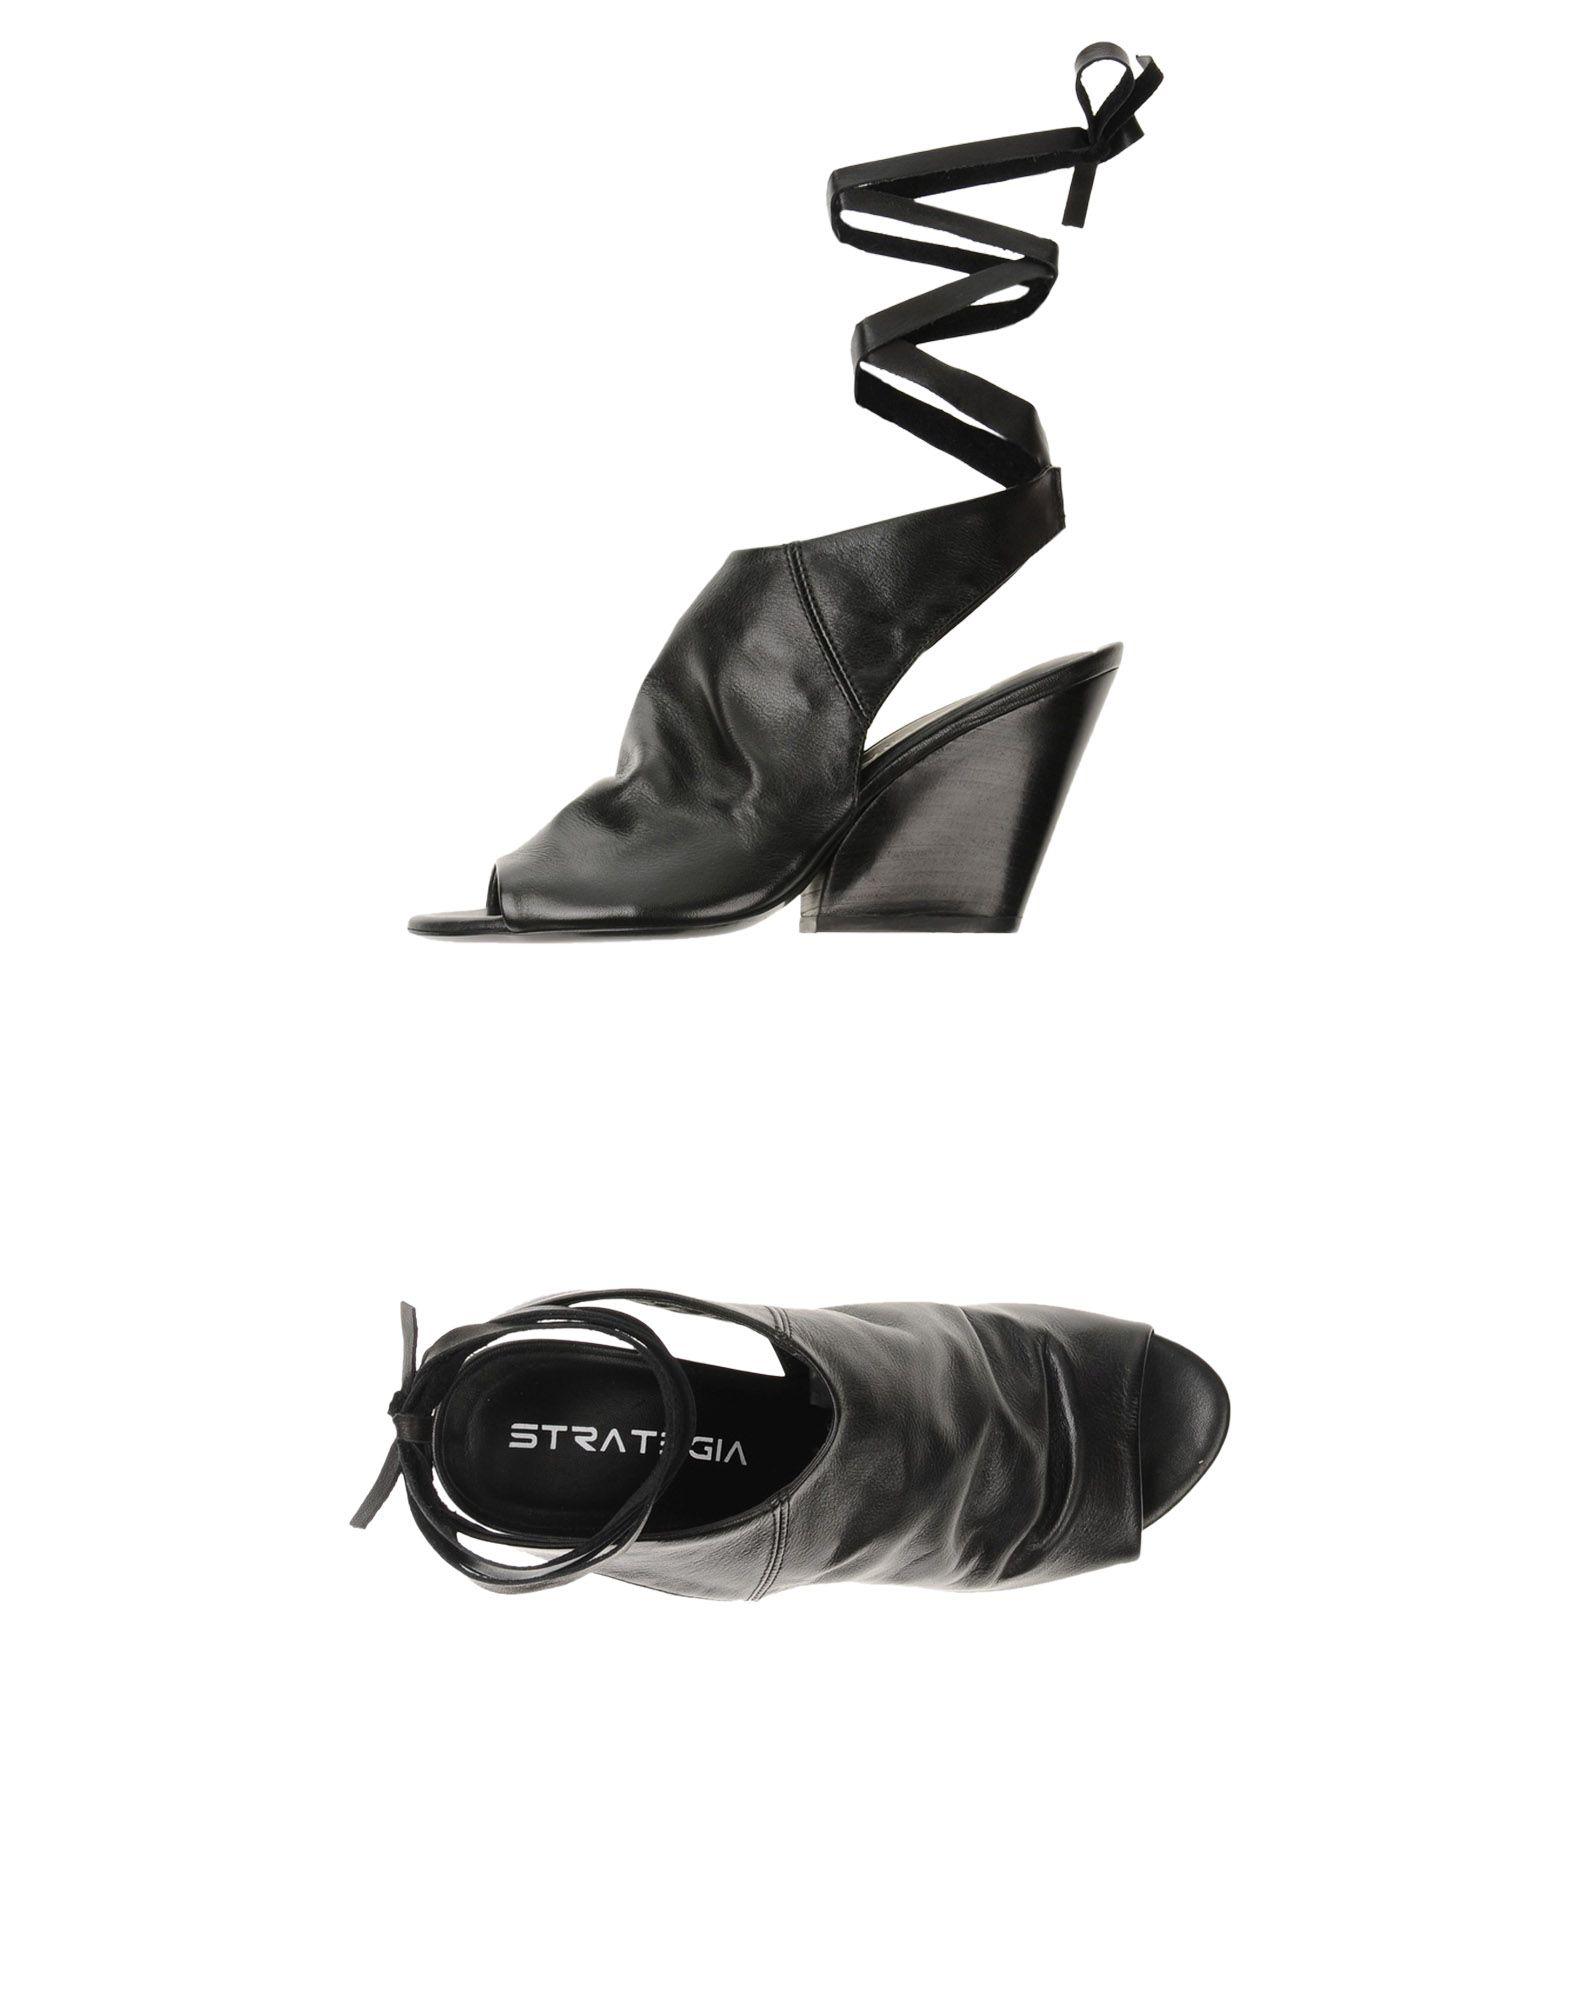 Strategia Sandalen Damen  11369805HN Gute Qualität beliebte Schuhe